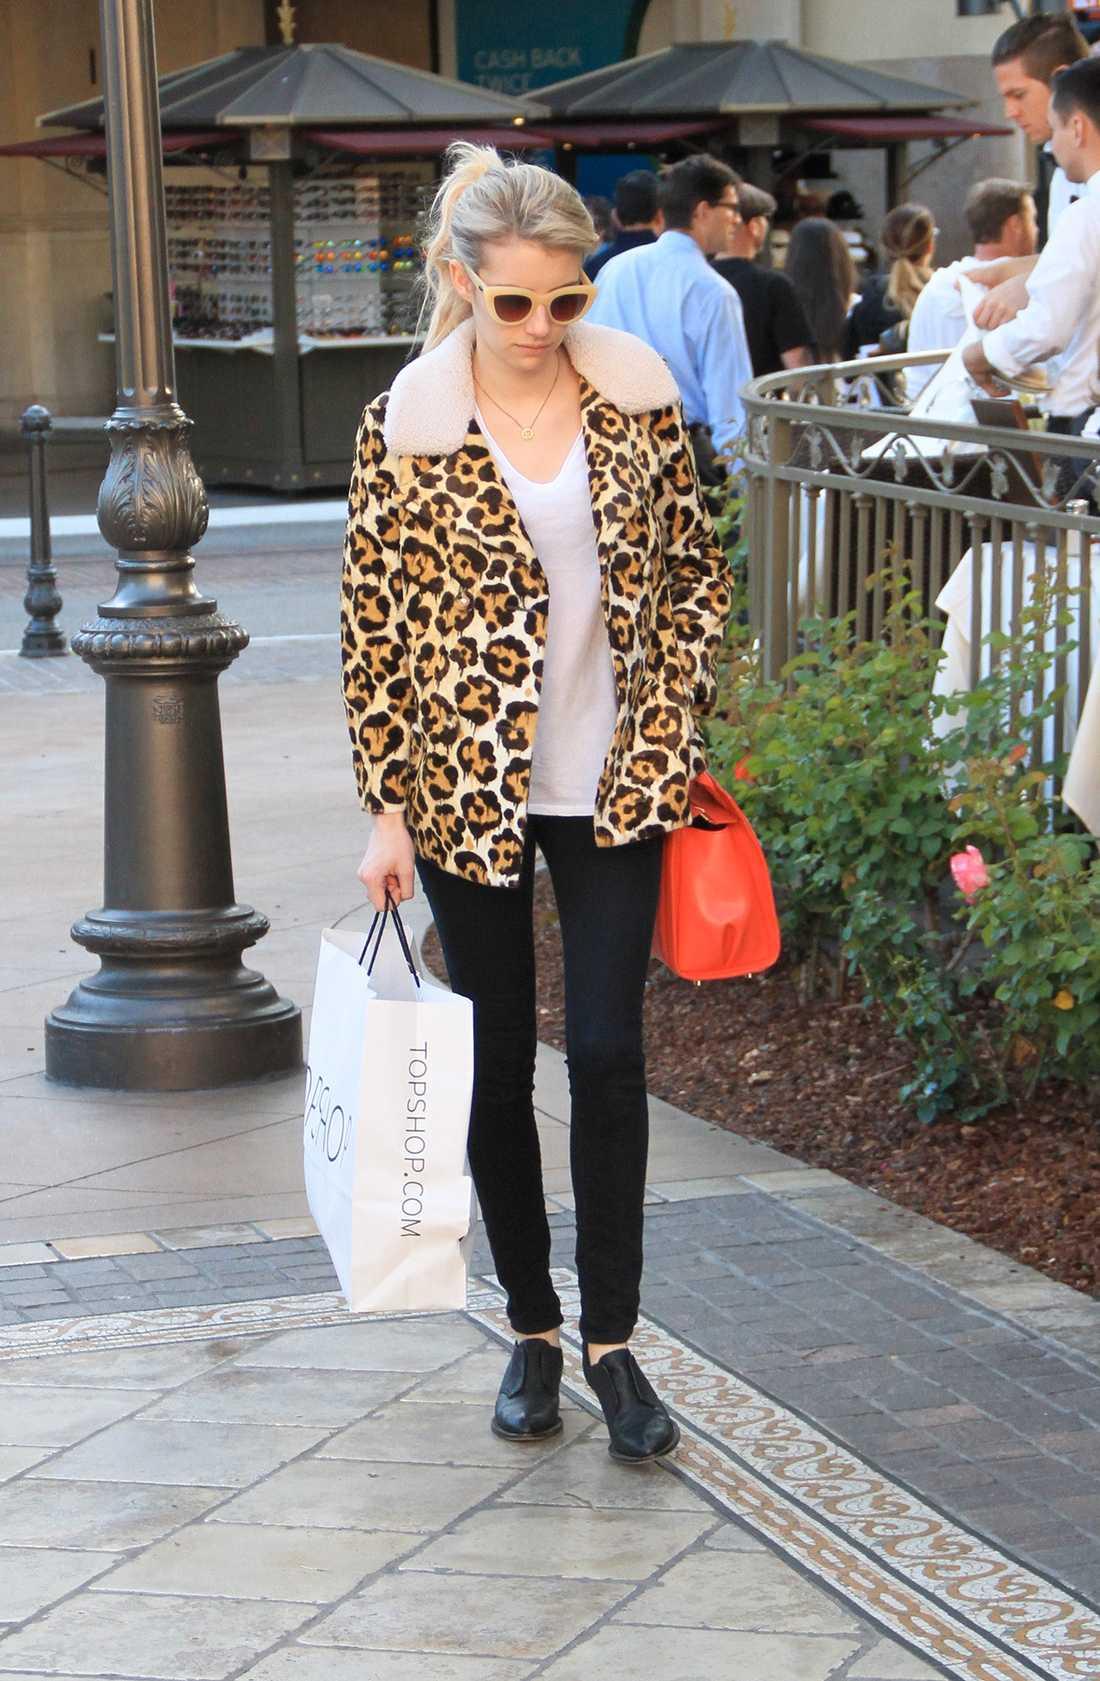 Emma Roberts Emma får till en kul vardagslook med sin leopardmönstrade jacka och röda väska.